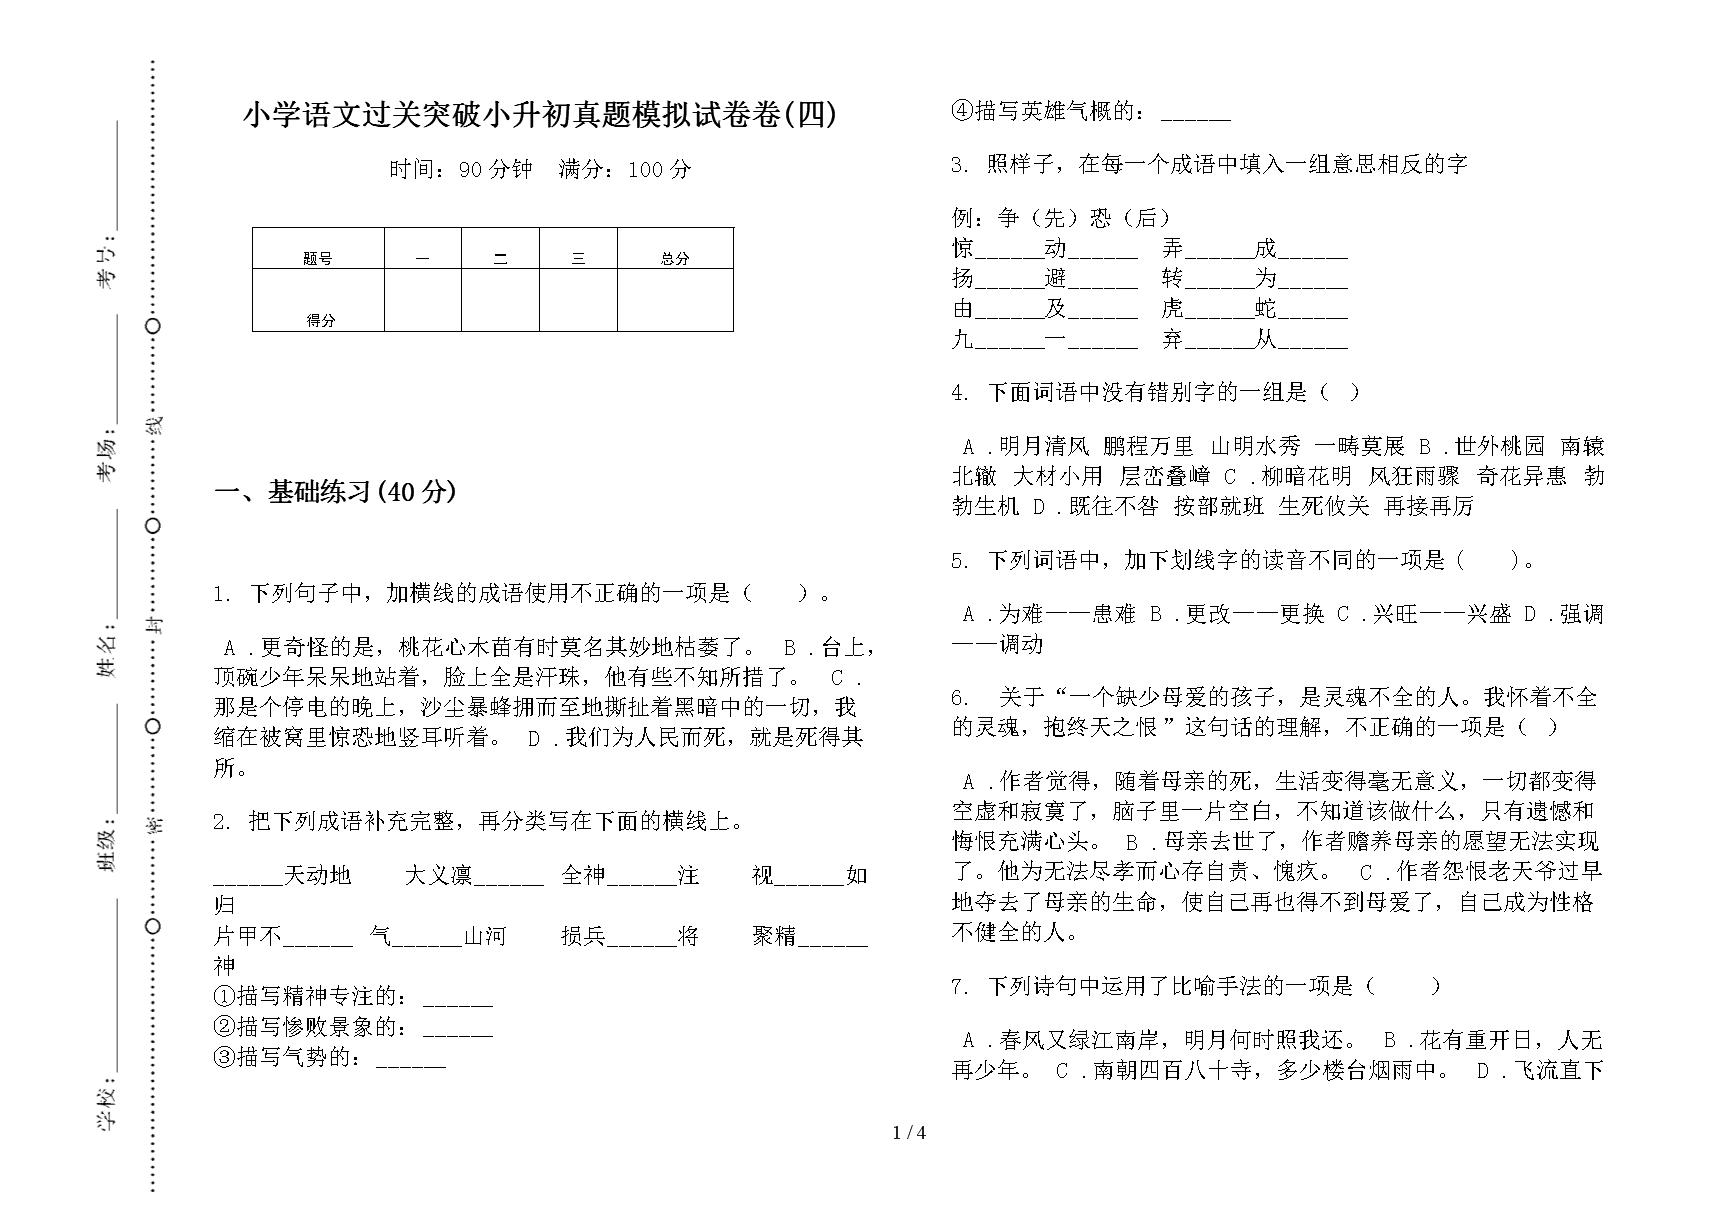 小学语文过关突破小升初真题模拟试卷卷(四).docx